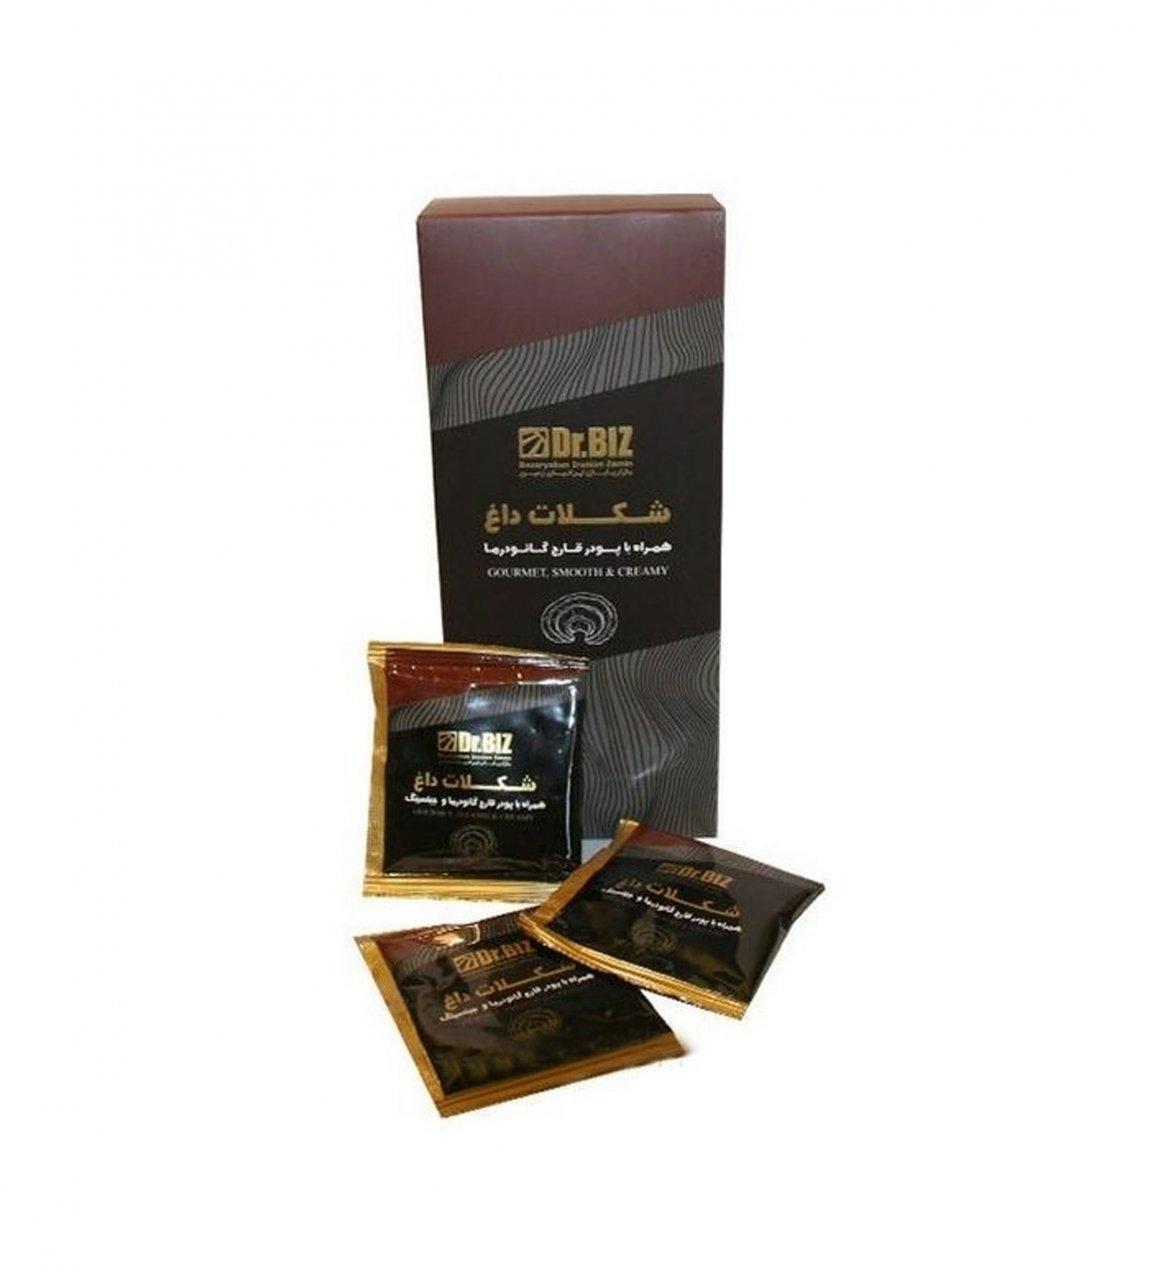 هات چاکلت گانودرما شکلات داغ دکتربیز 20 عددی + ارسال رایگان